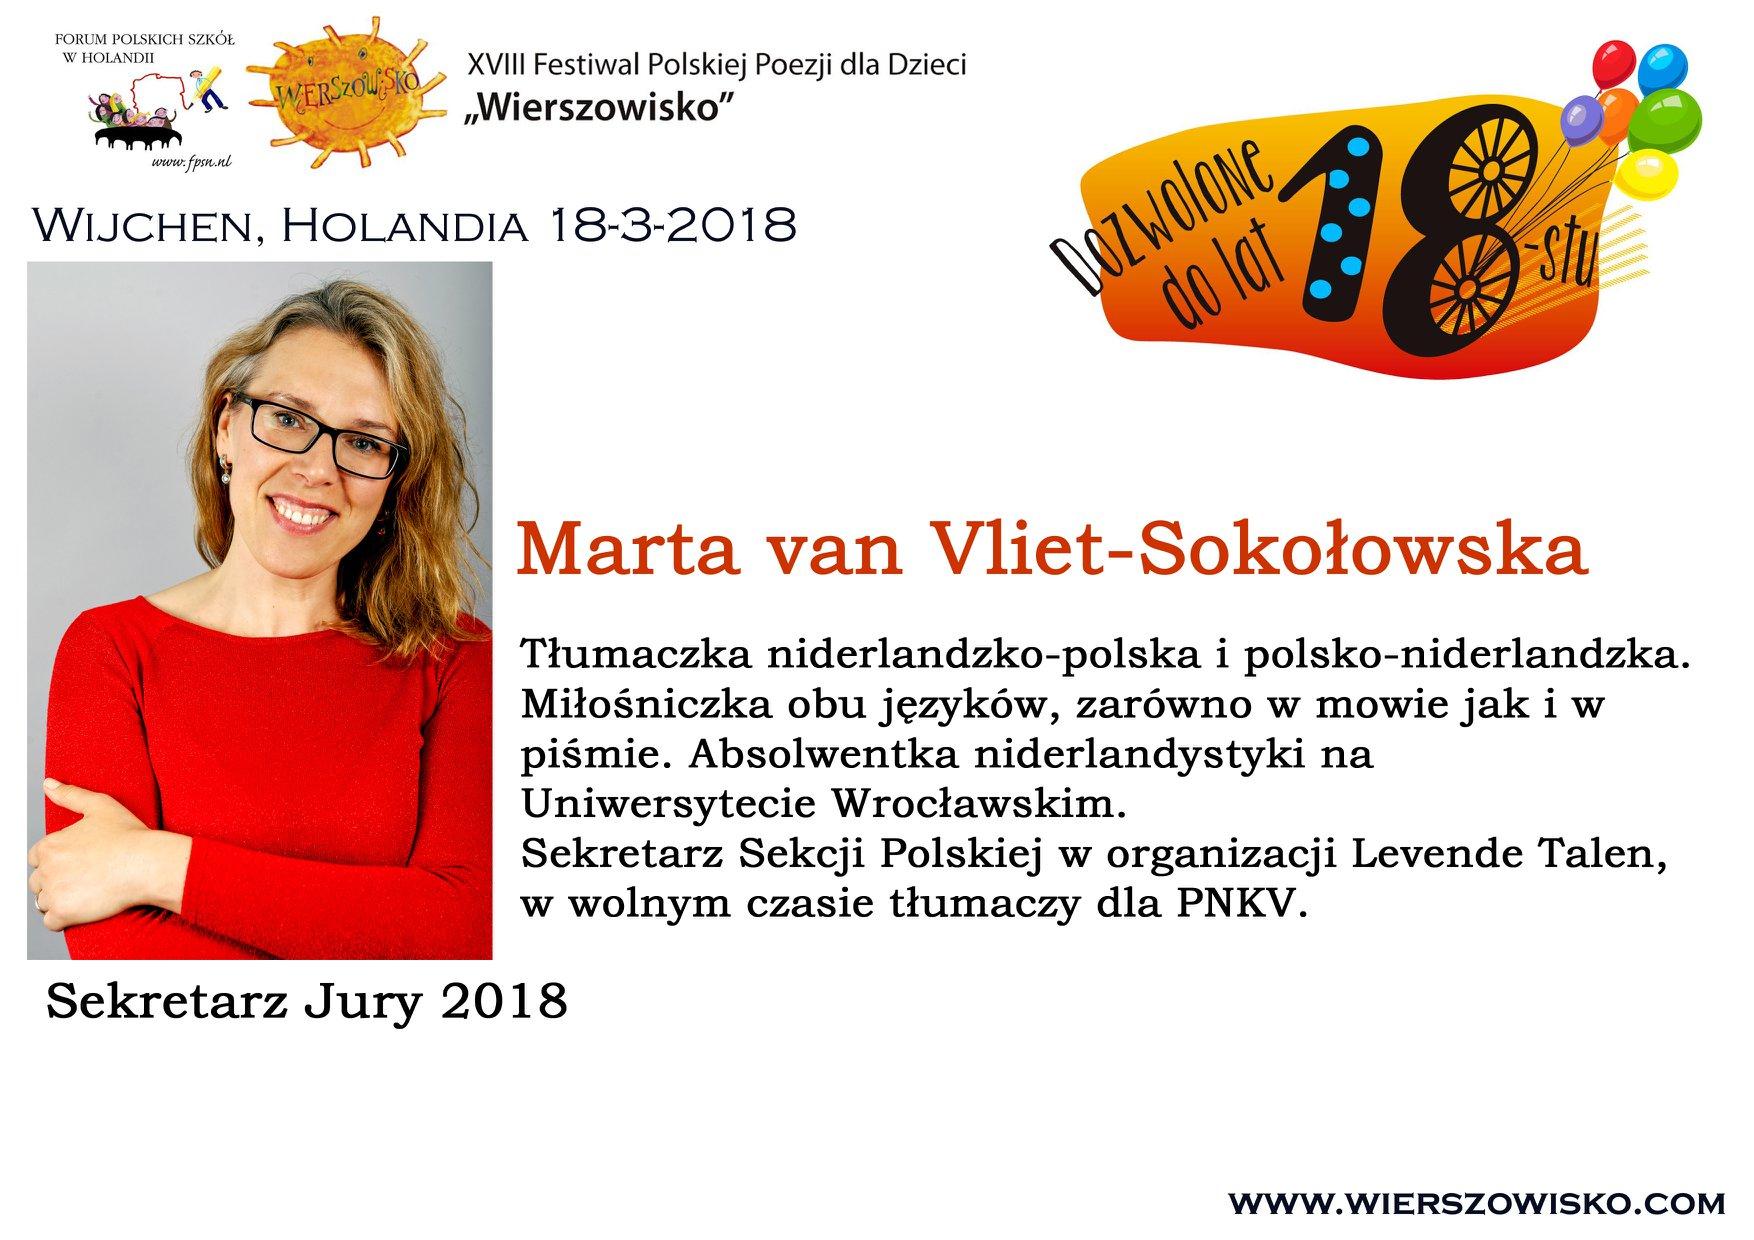 Marta van Vliet-Sokołowska sekretarz